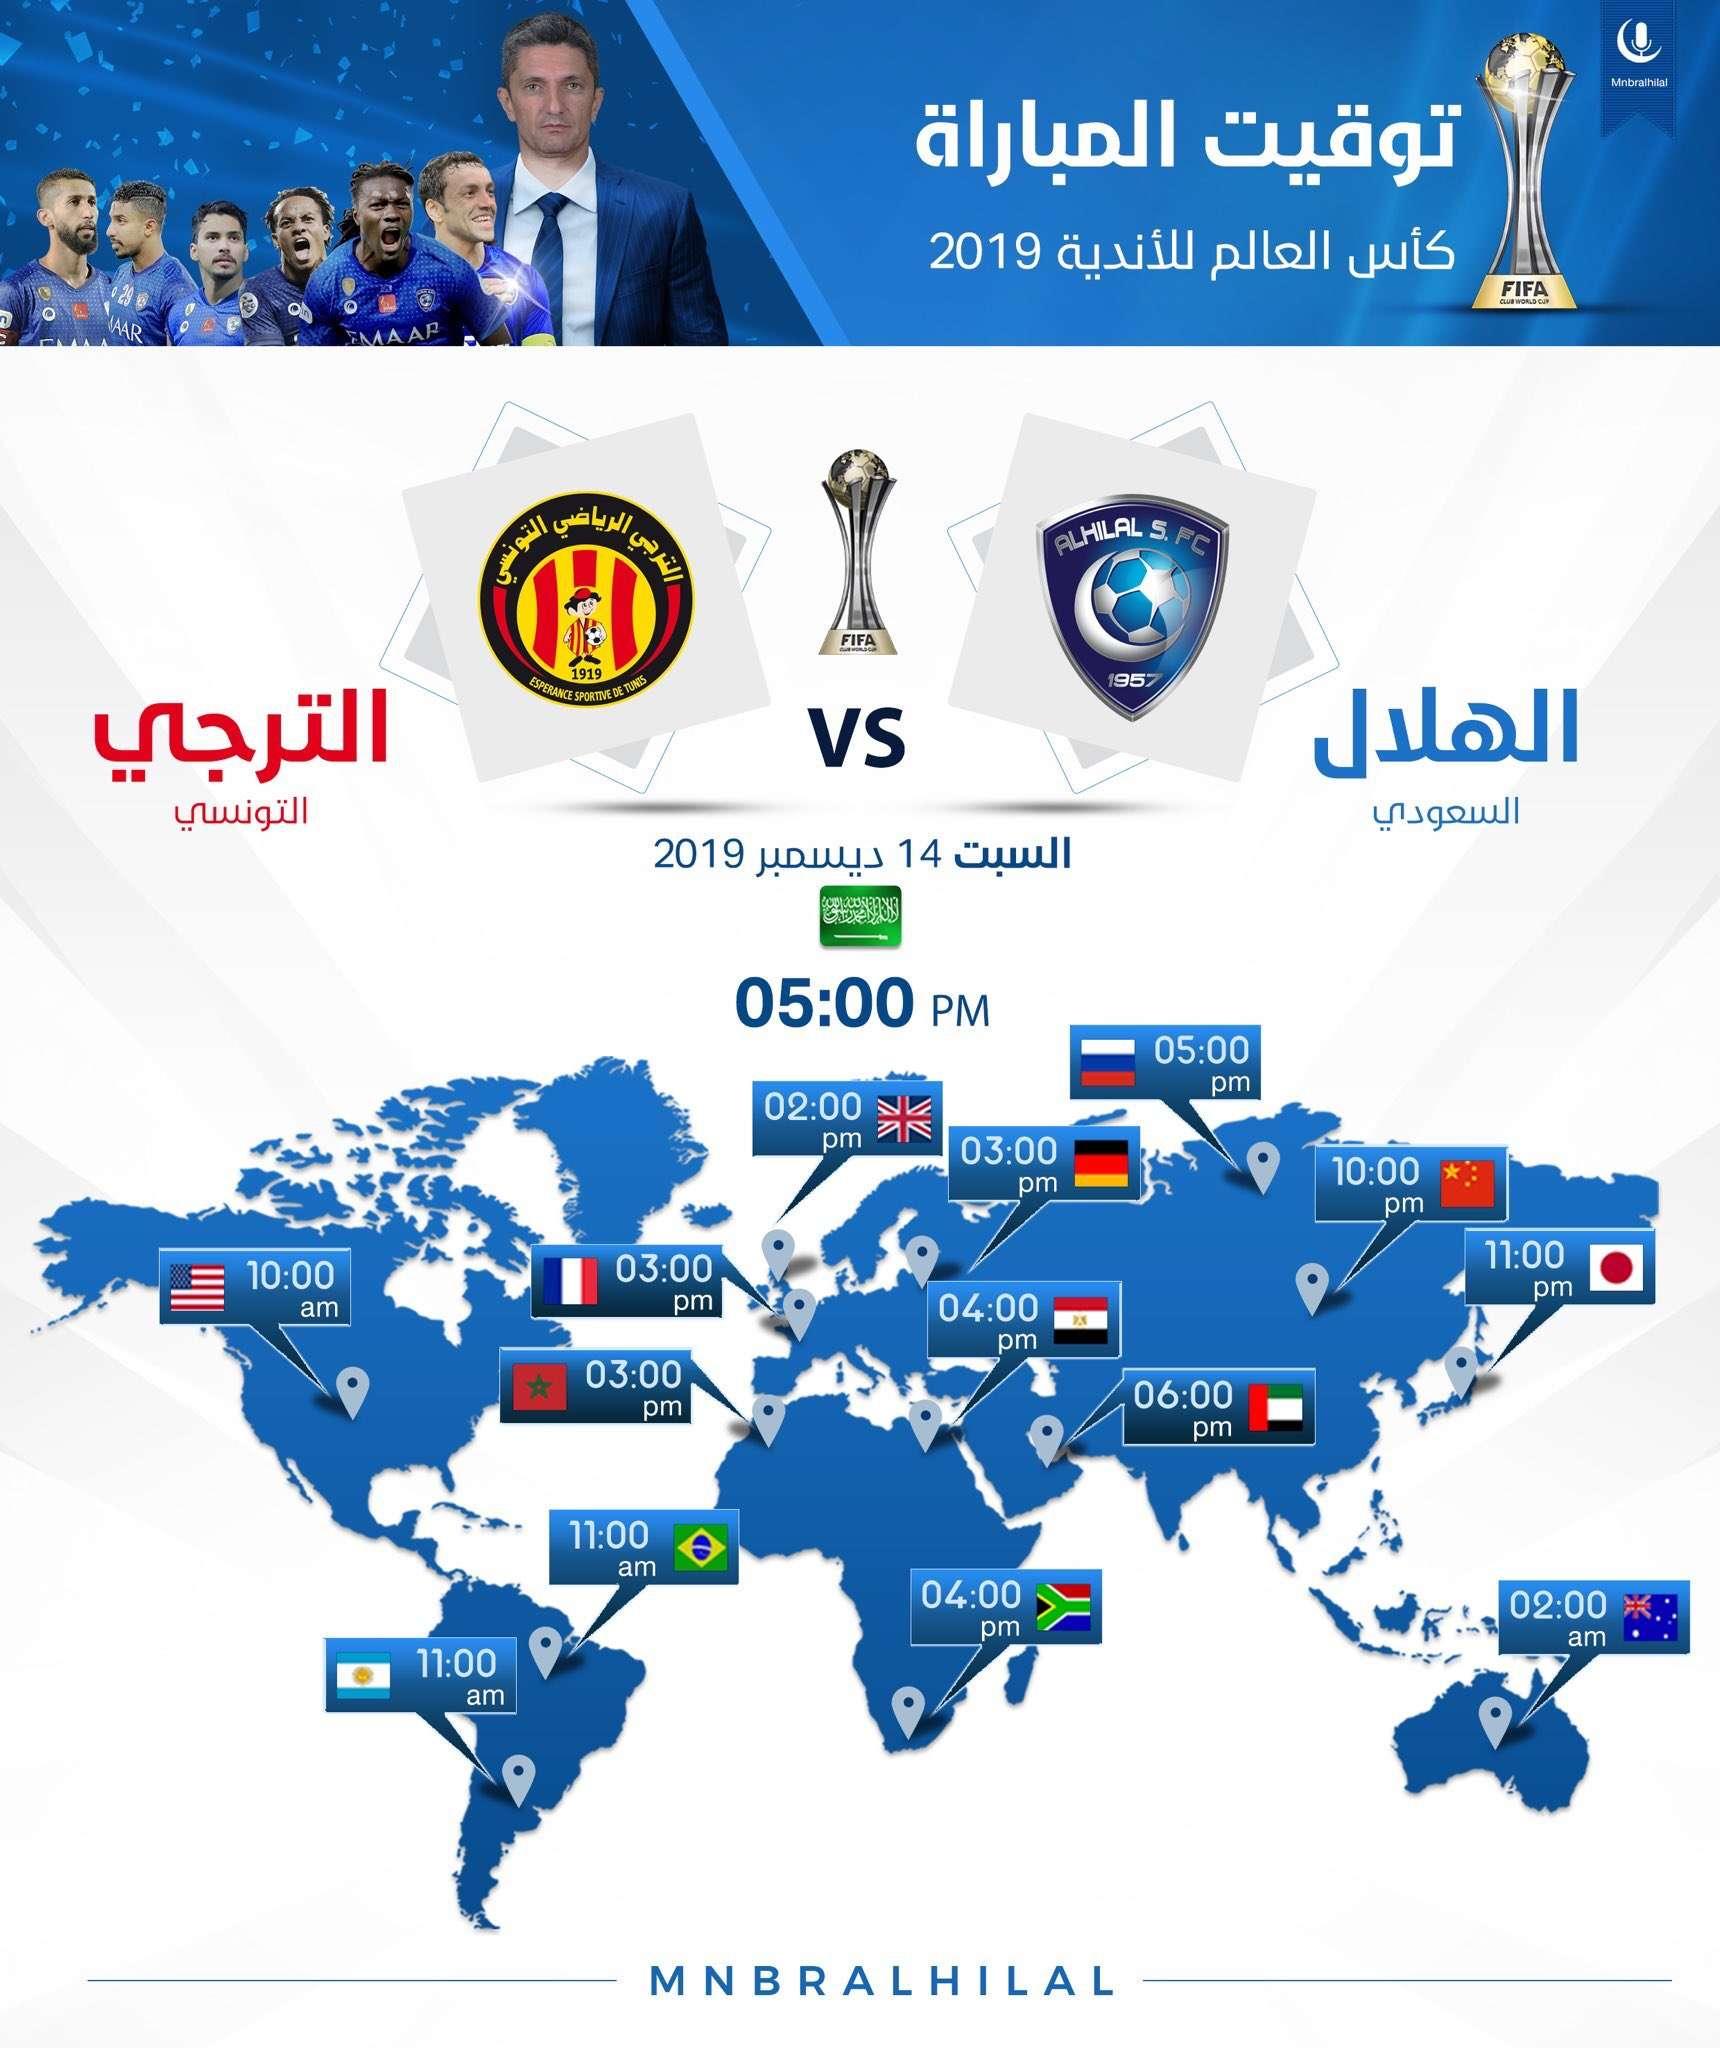 صورة تردد قناة beIN SPORTS الناقلة لـ مباراة الهلال ضد الترجي نتيجة المباراة